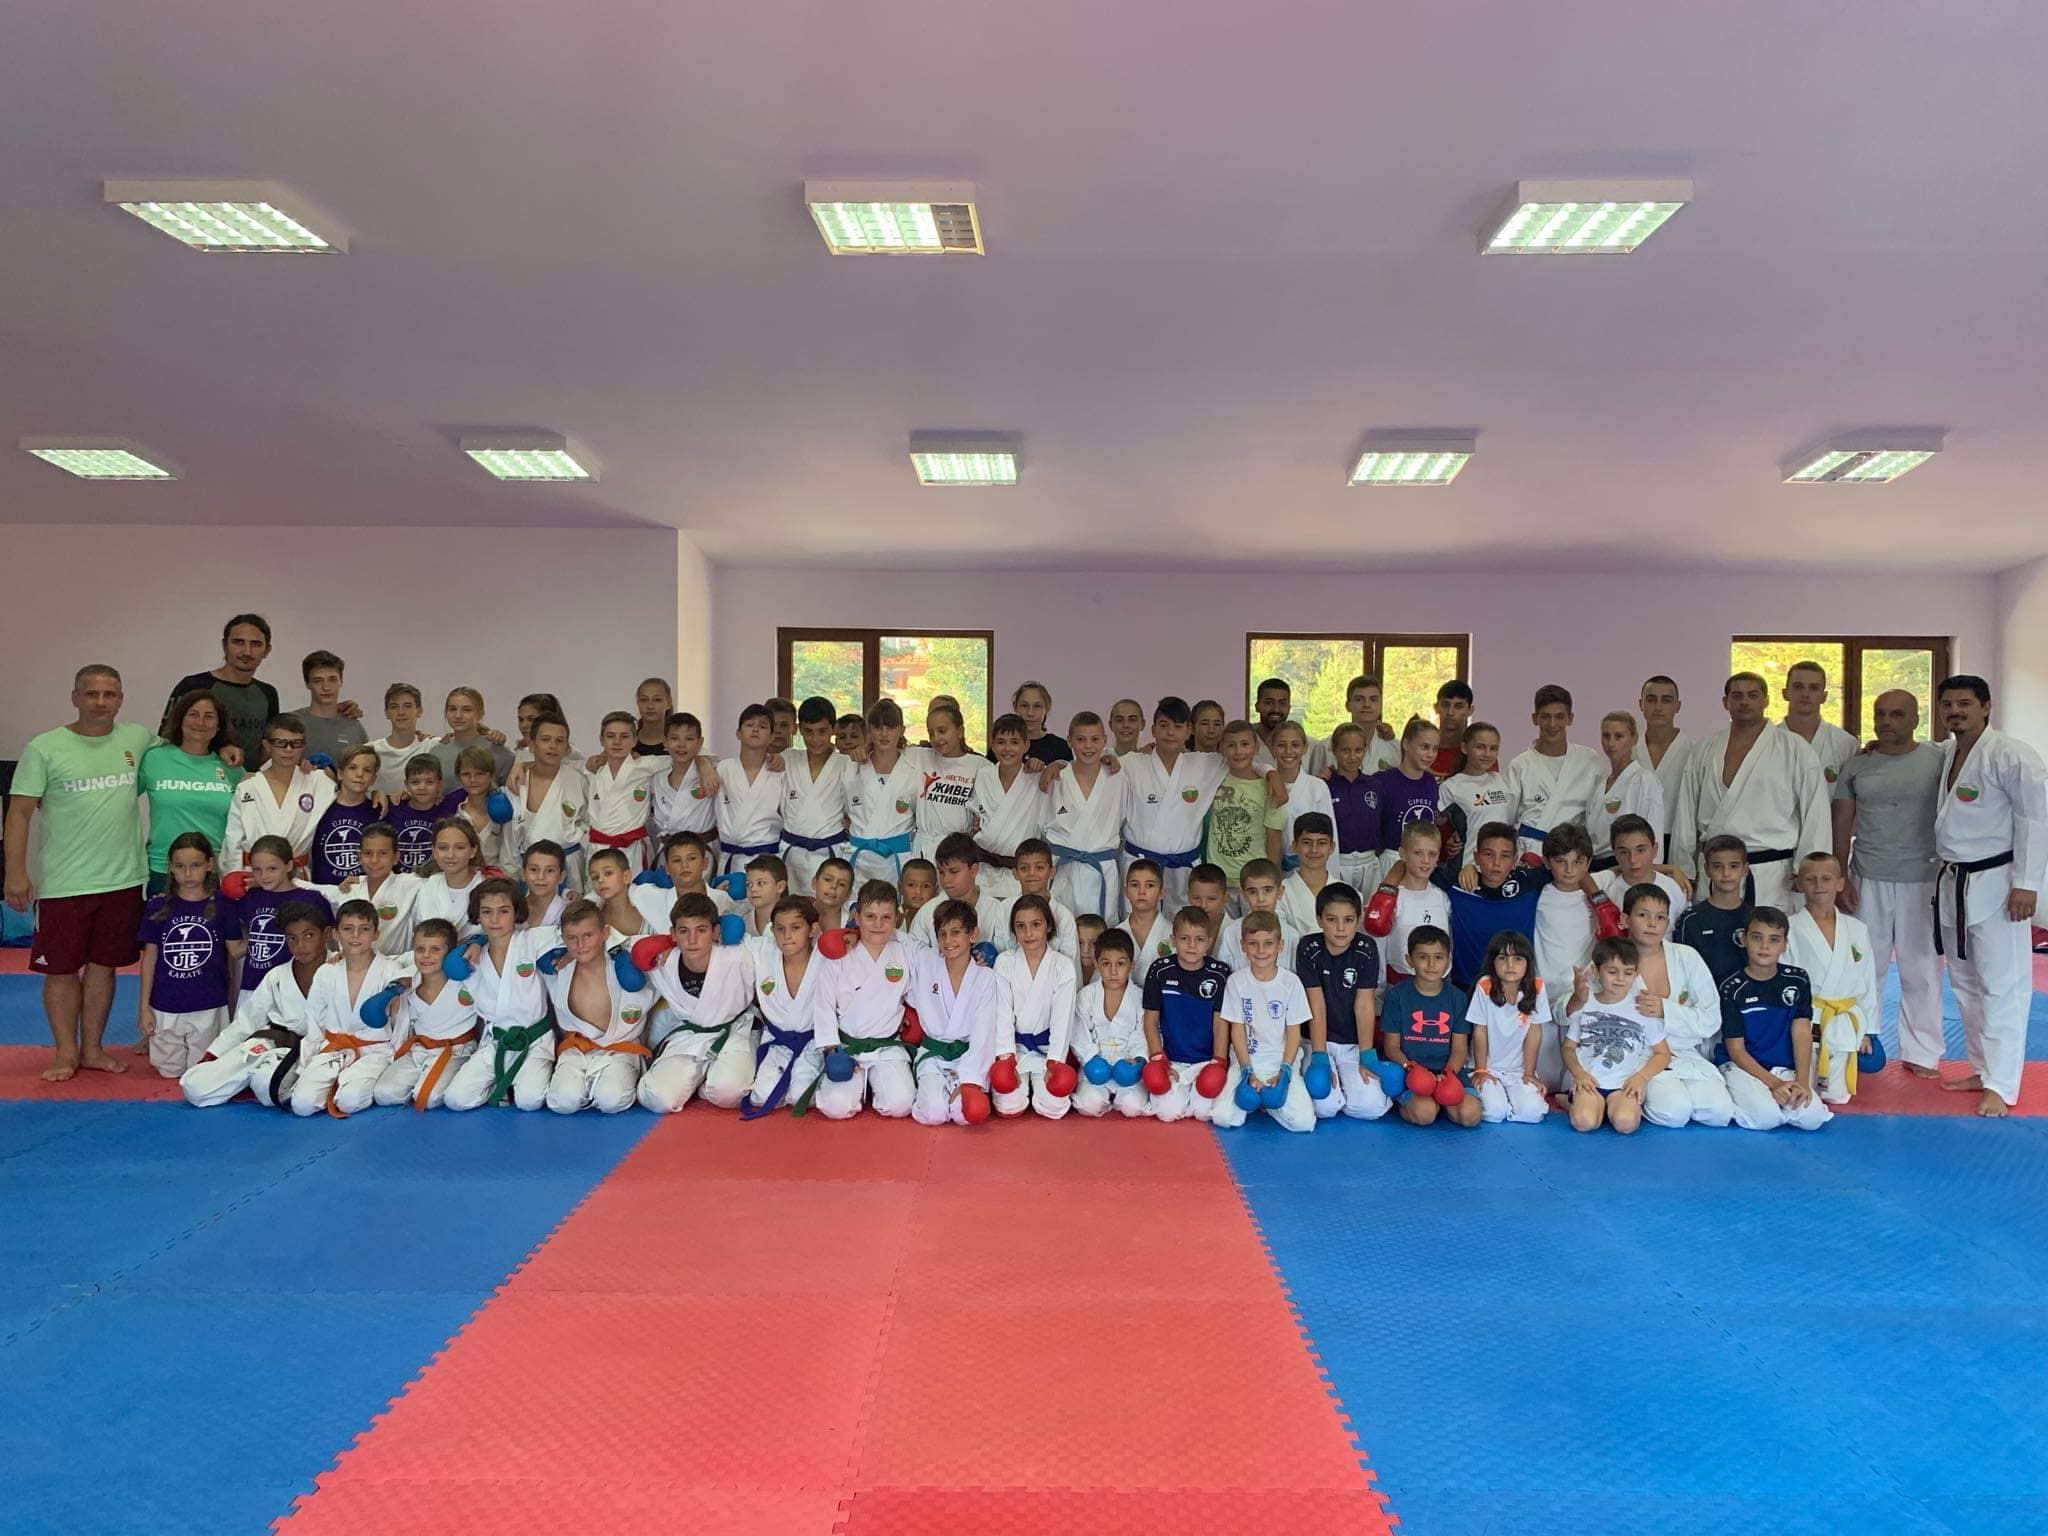 Над 250 каратеки от 6 държави на лагер в Семково